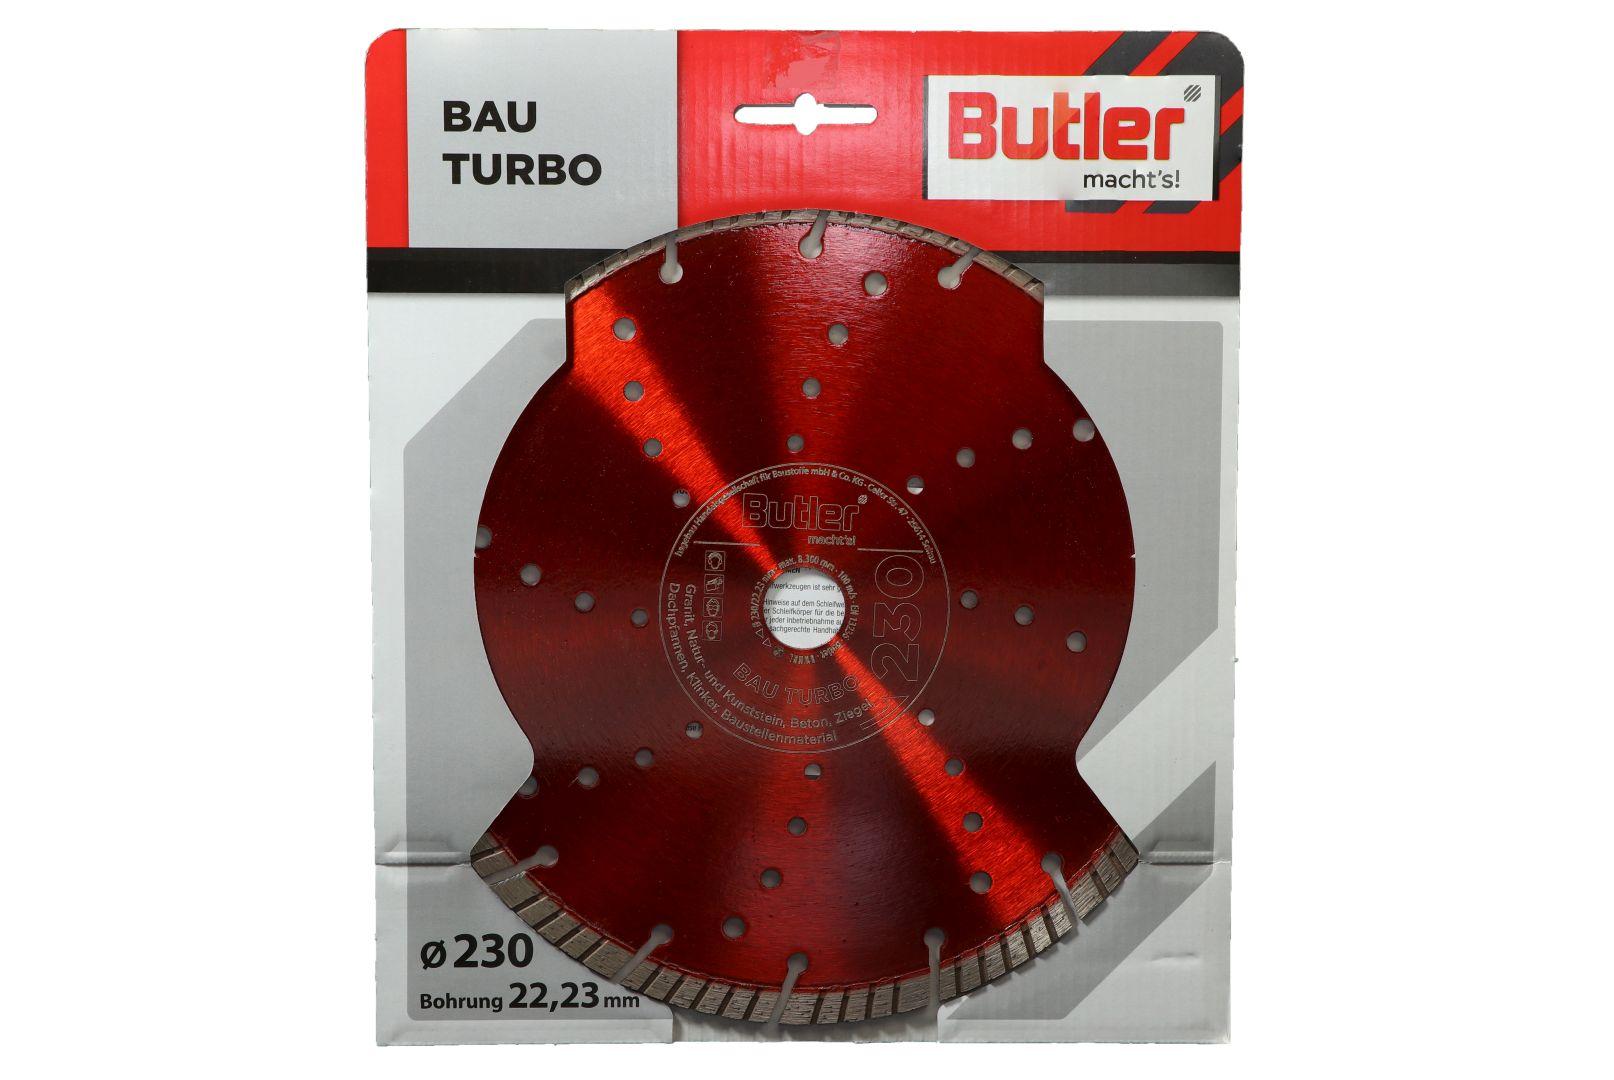 Butler macht's! Diamant-Trennscheibe Bau Turbo, Bohrung: 22,23 mm, Ø 230 mm